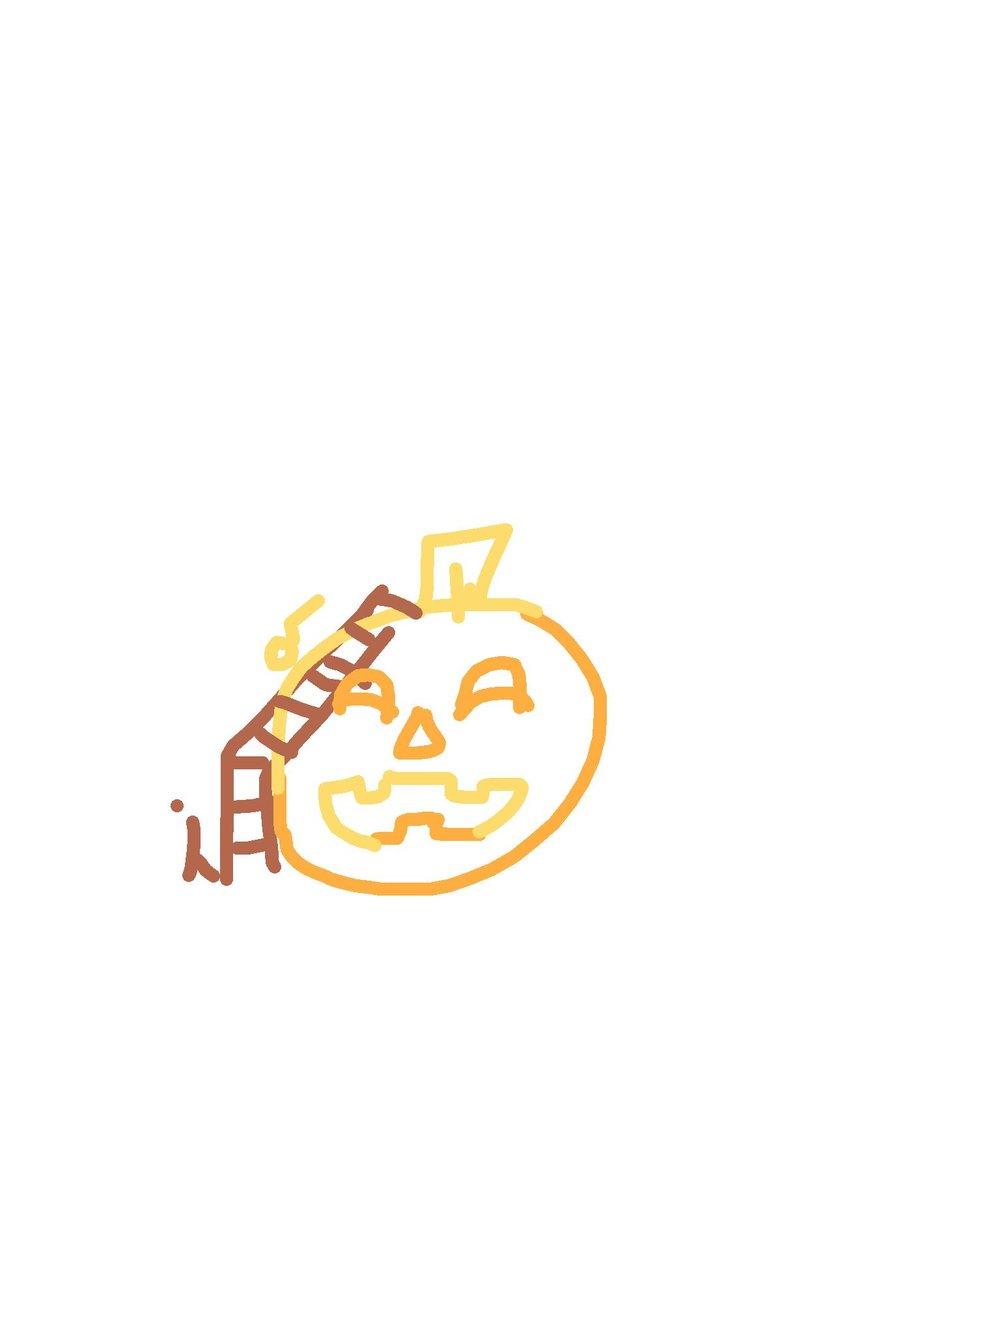 jack-o_-lantern.png